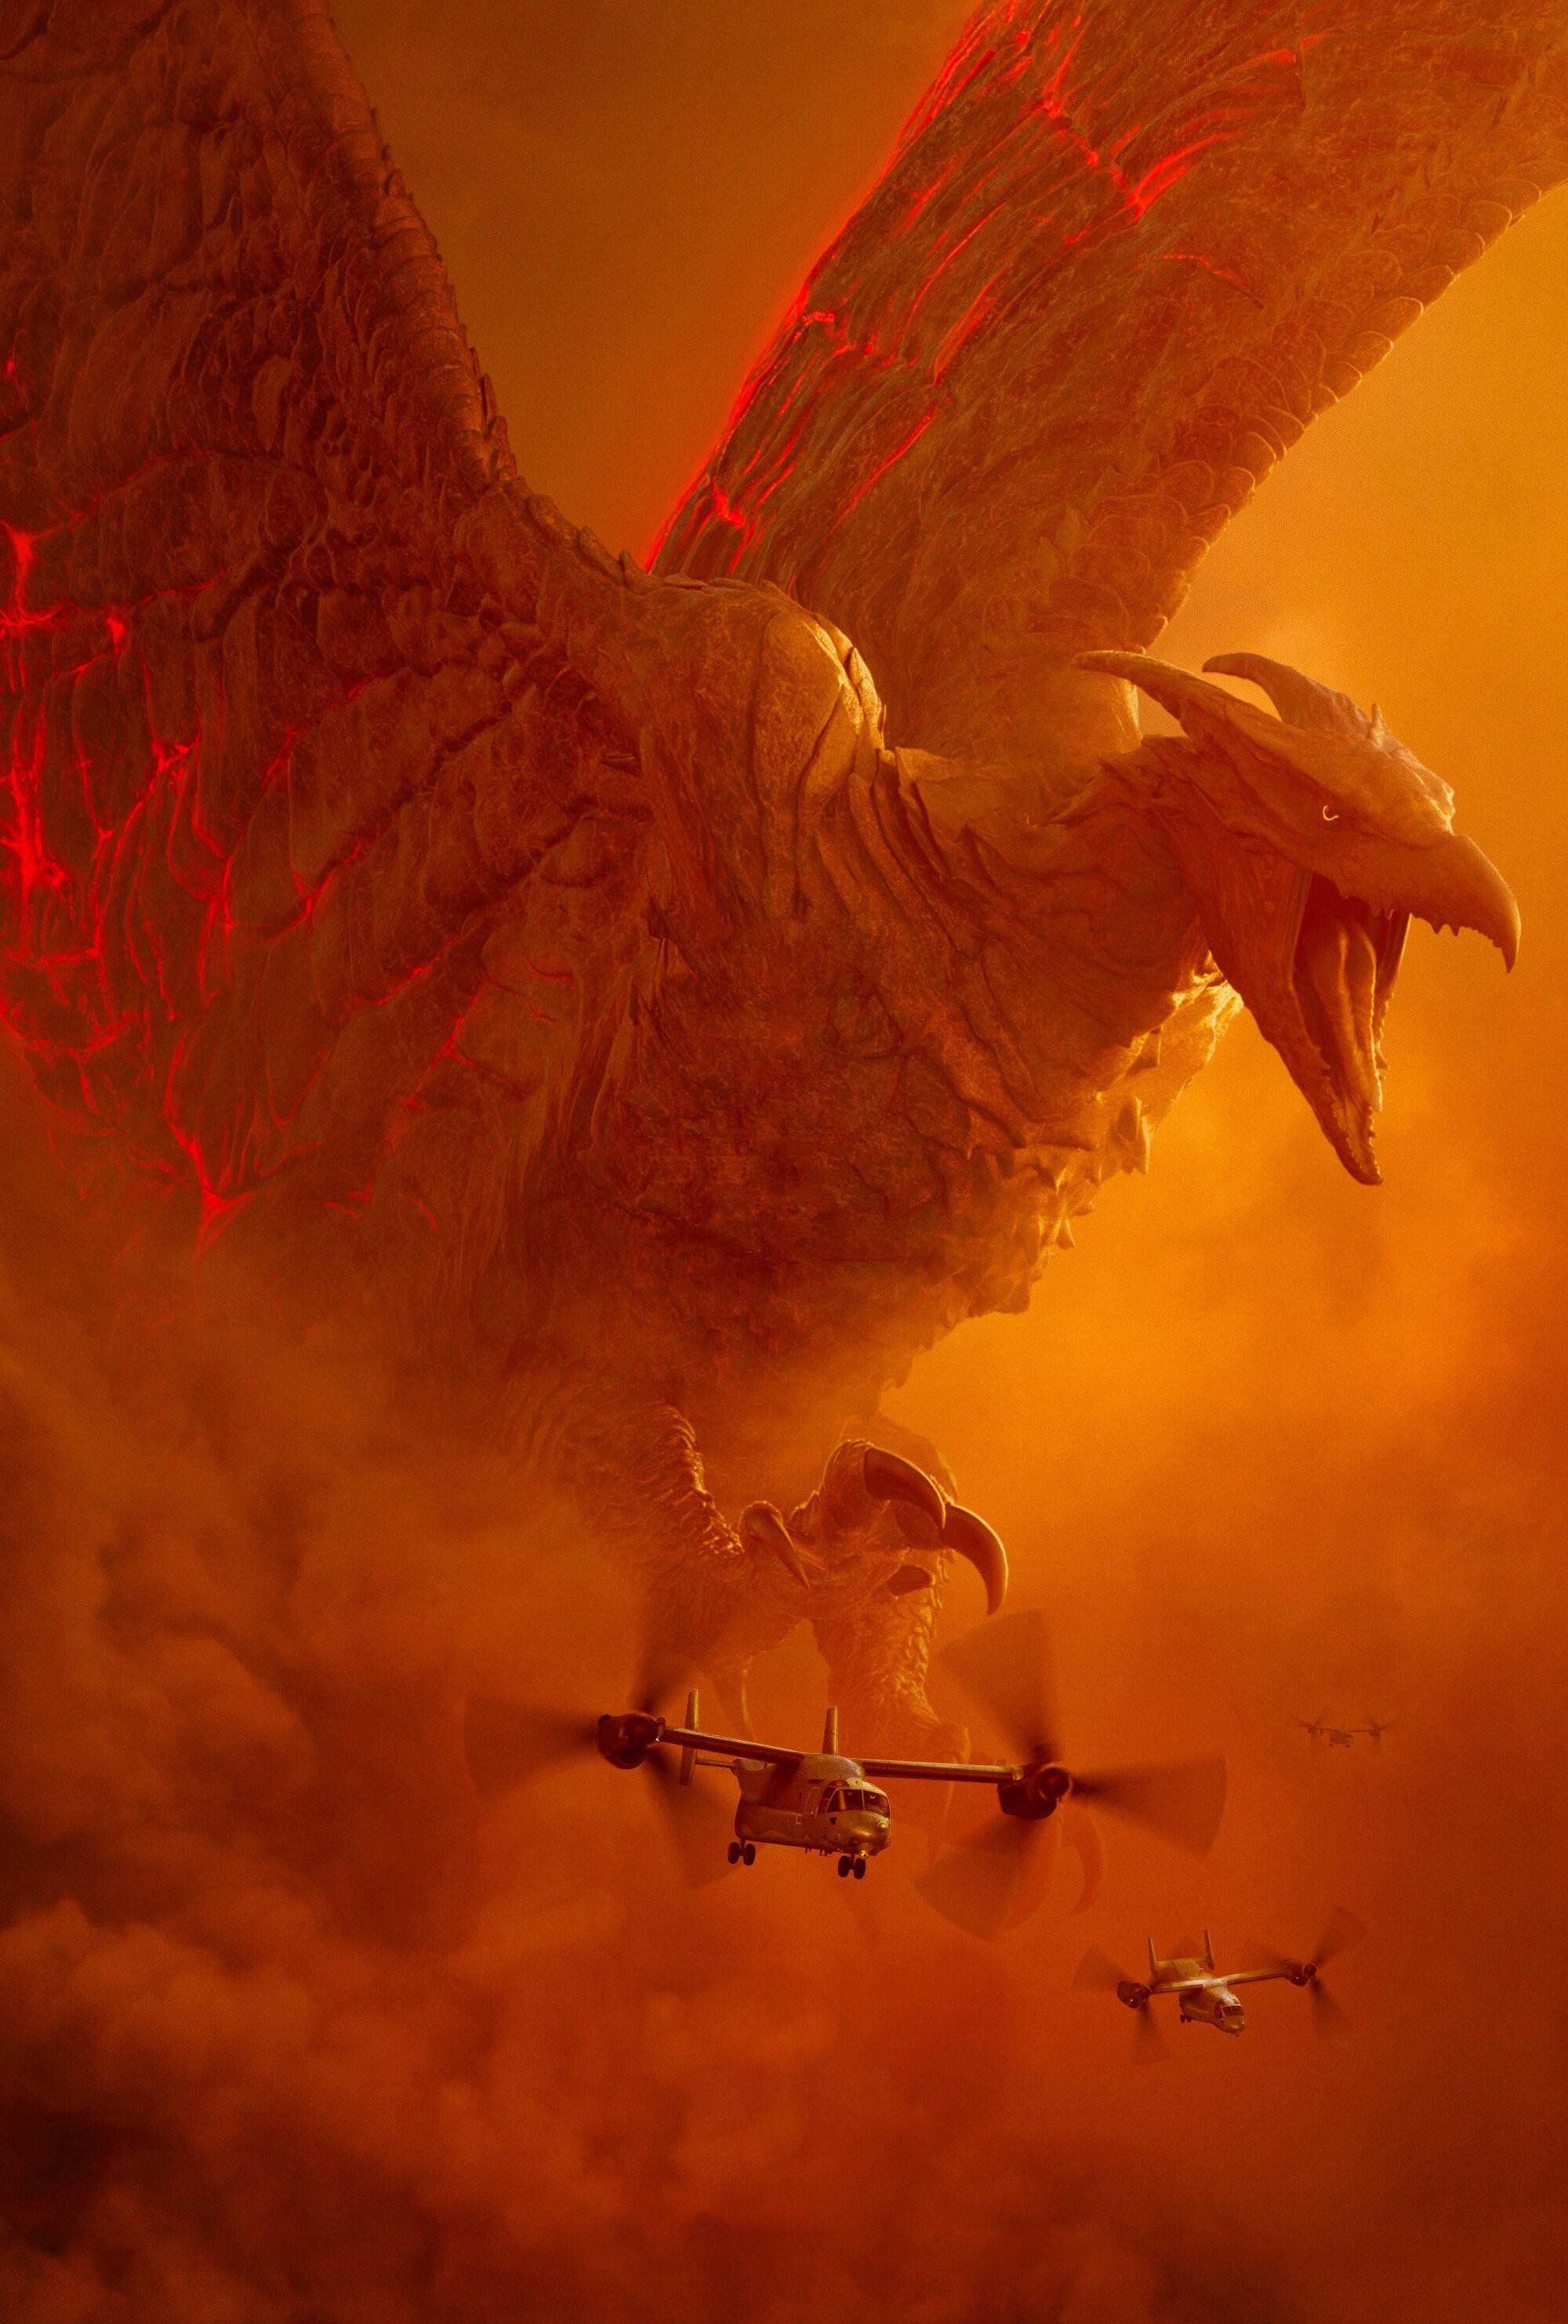 Rodan (MonsterVerse) | Gojipedia | FANDOM powered by Wikia